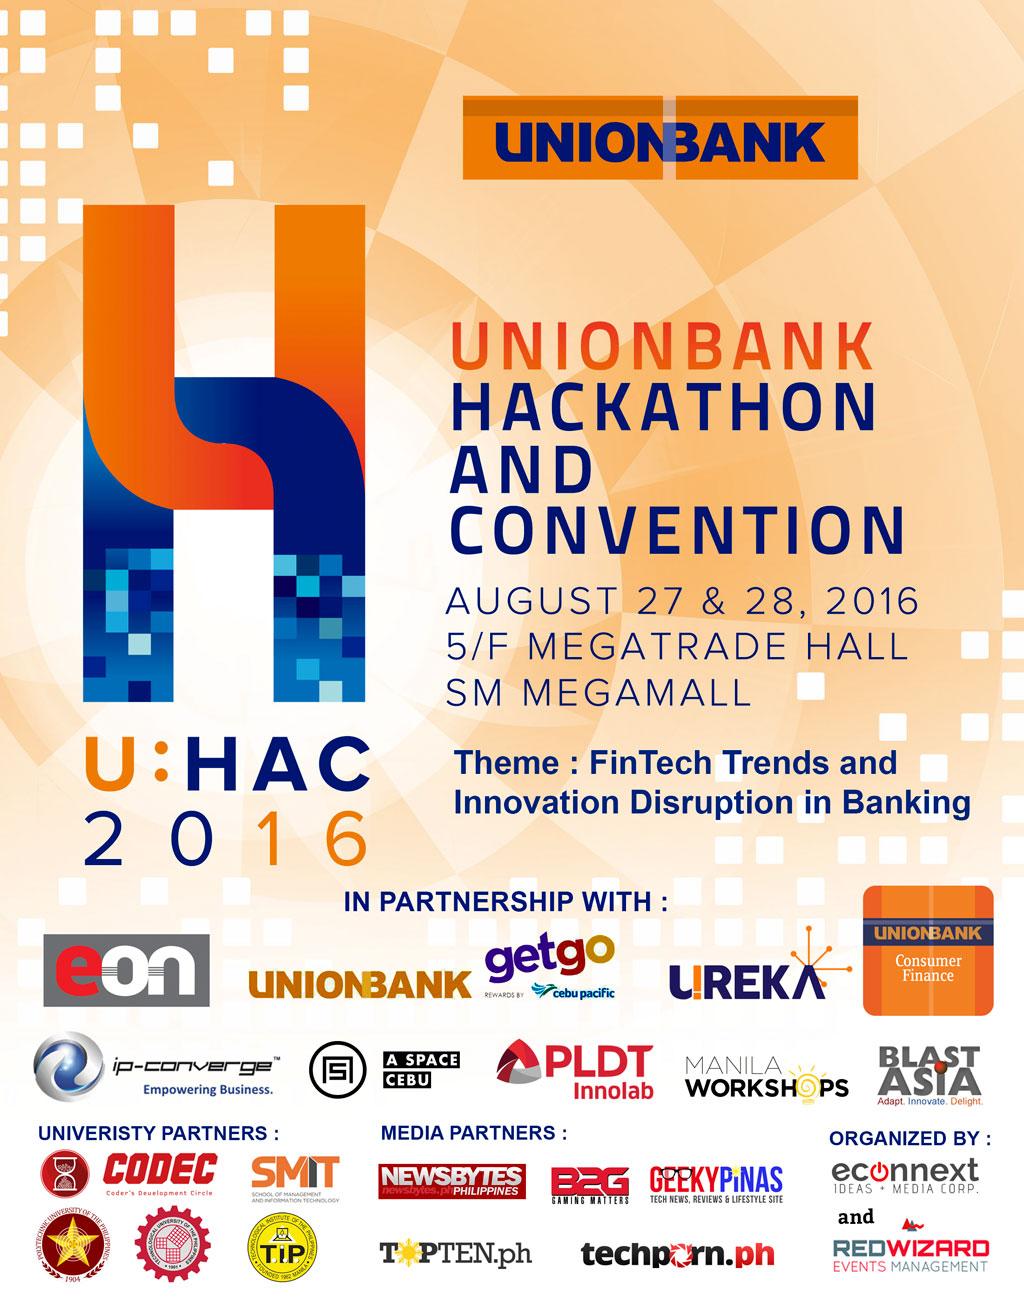 Unionbanks Hackathon and Convention - UHAC